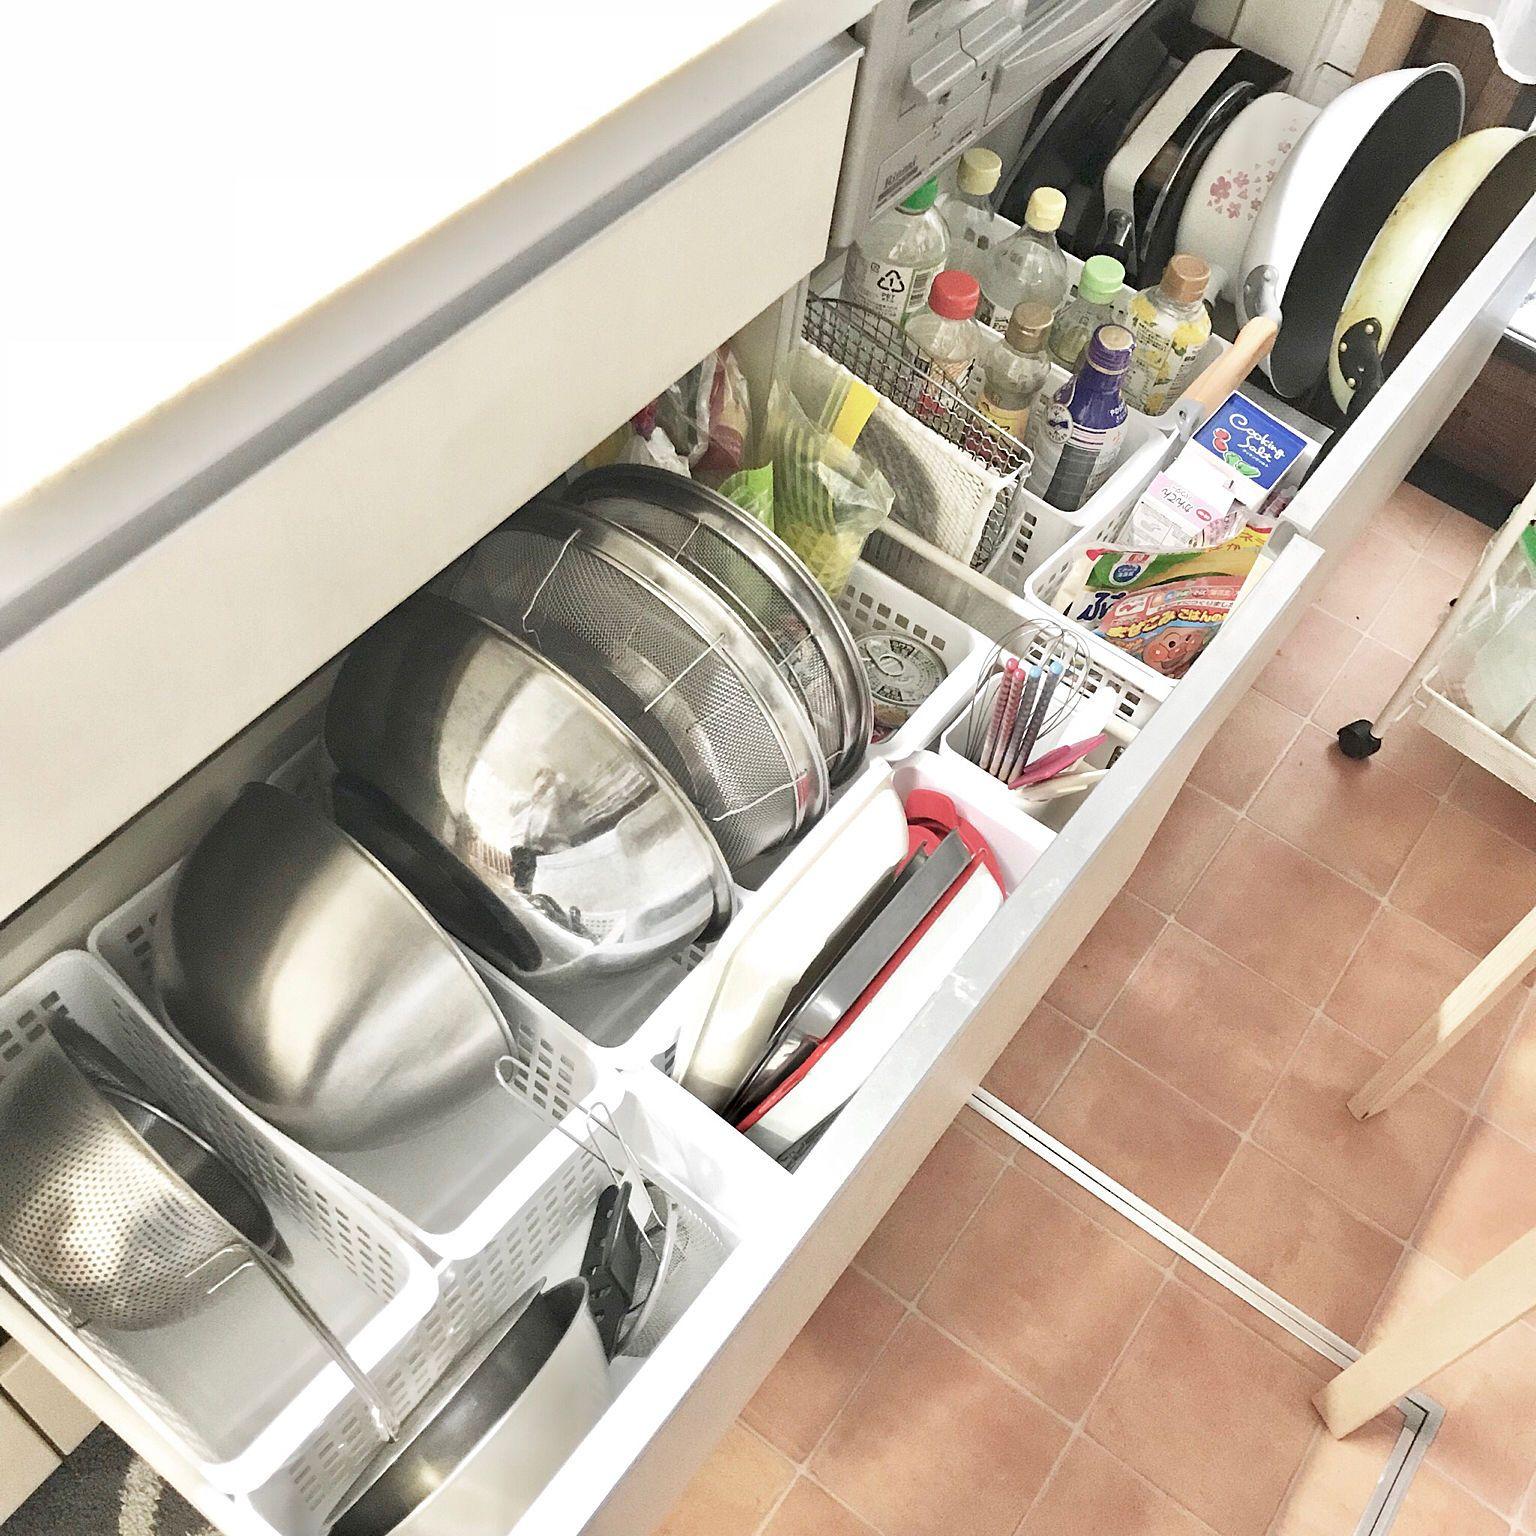 キッチン フライパン収納 ボウル類収納 の中 10000人の暮らし